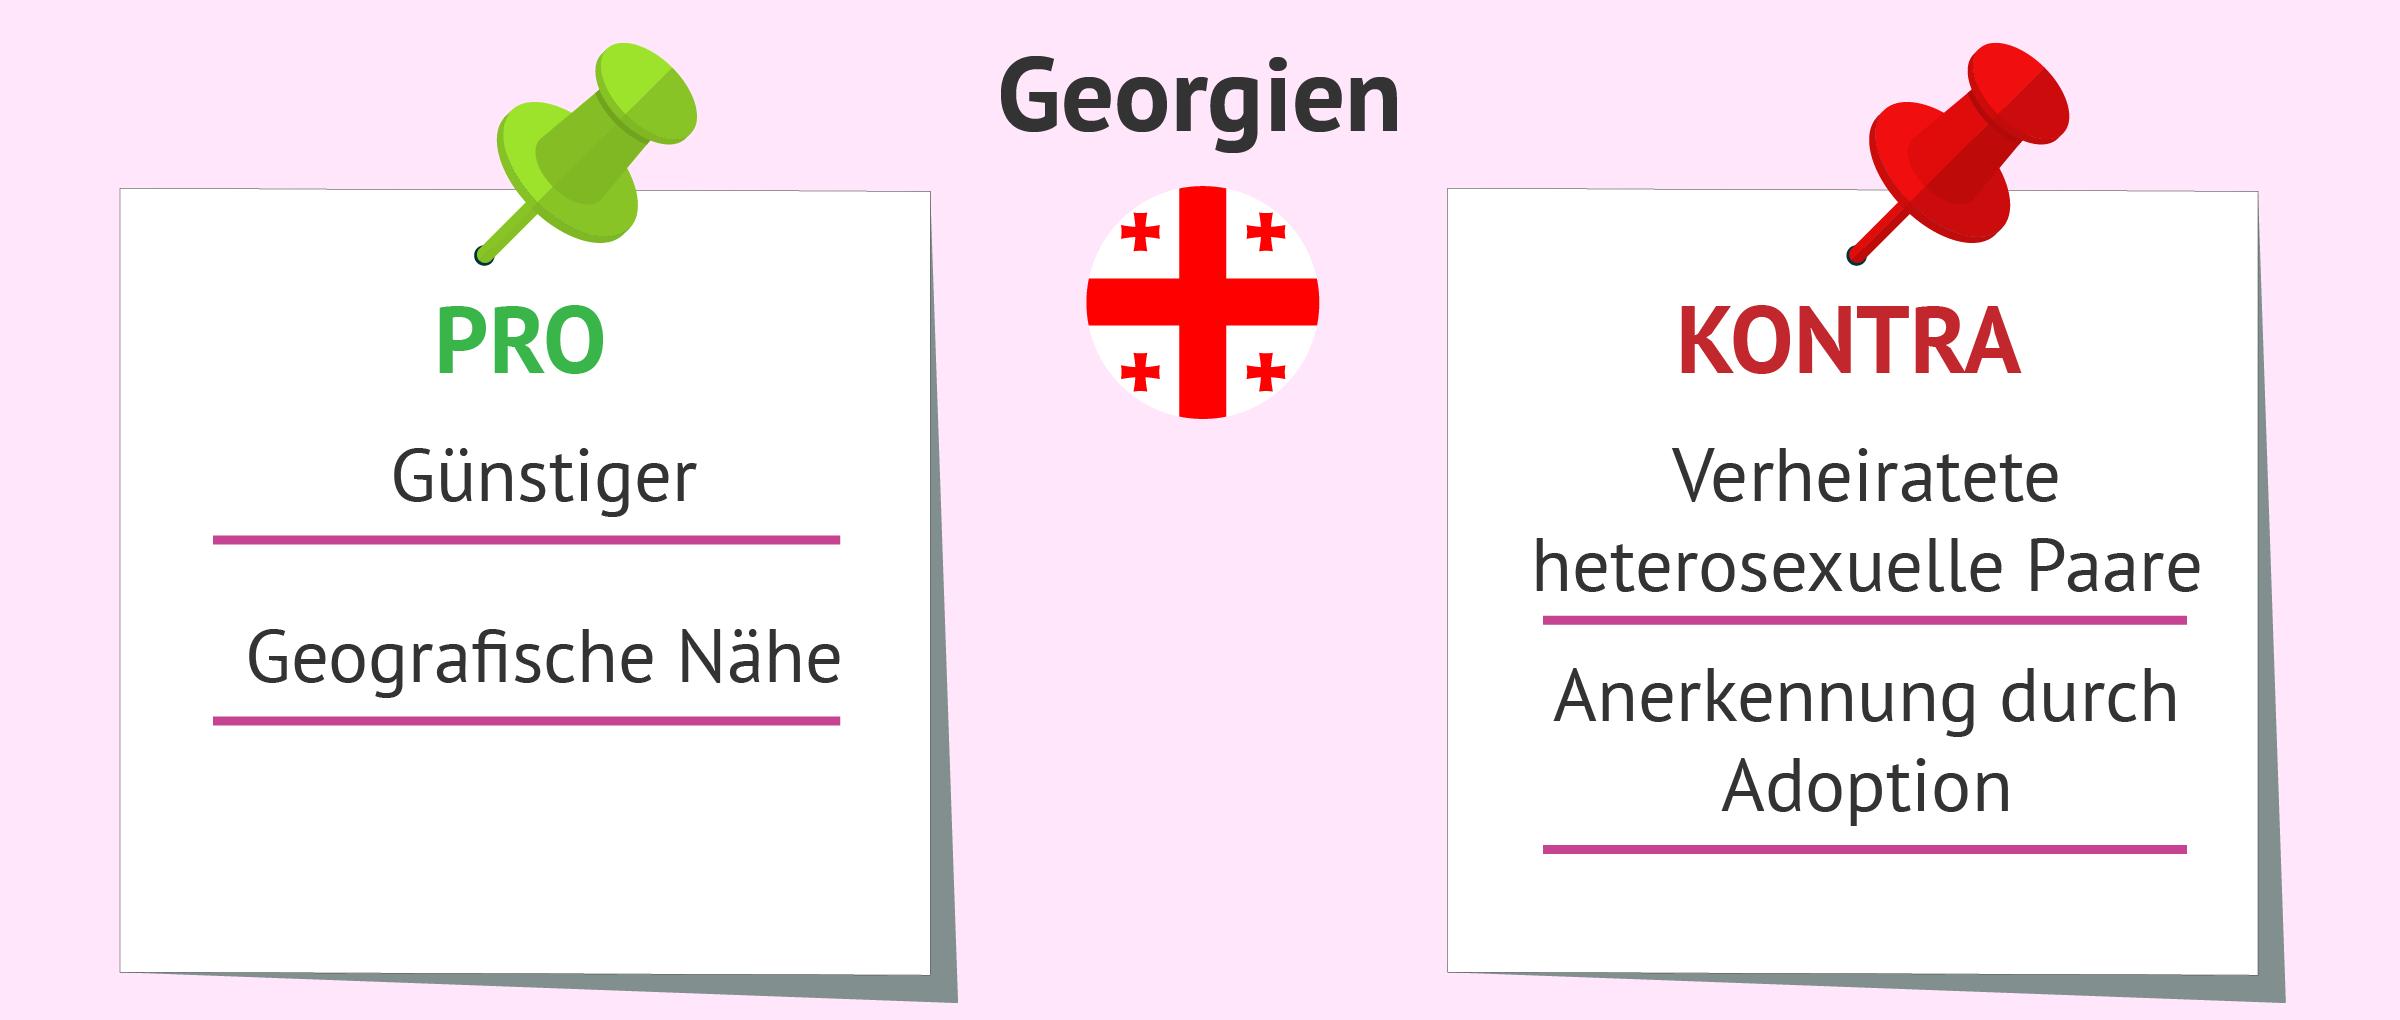 Vor-und Nachteile der Leihmutterschaft in Georgien